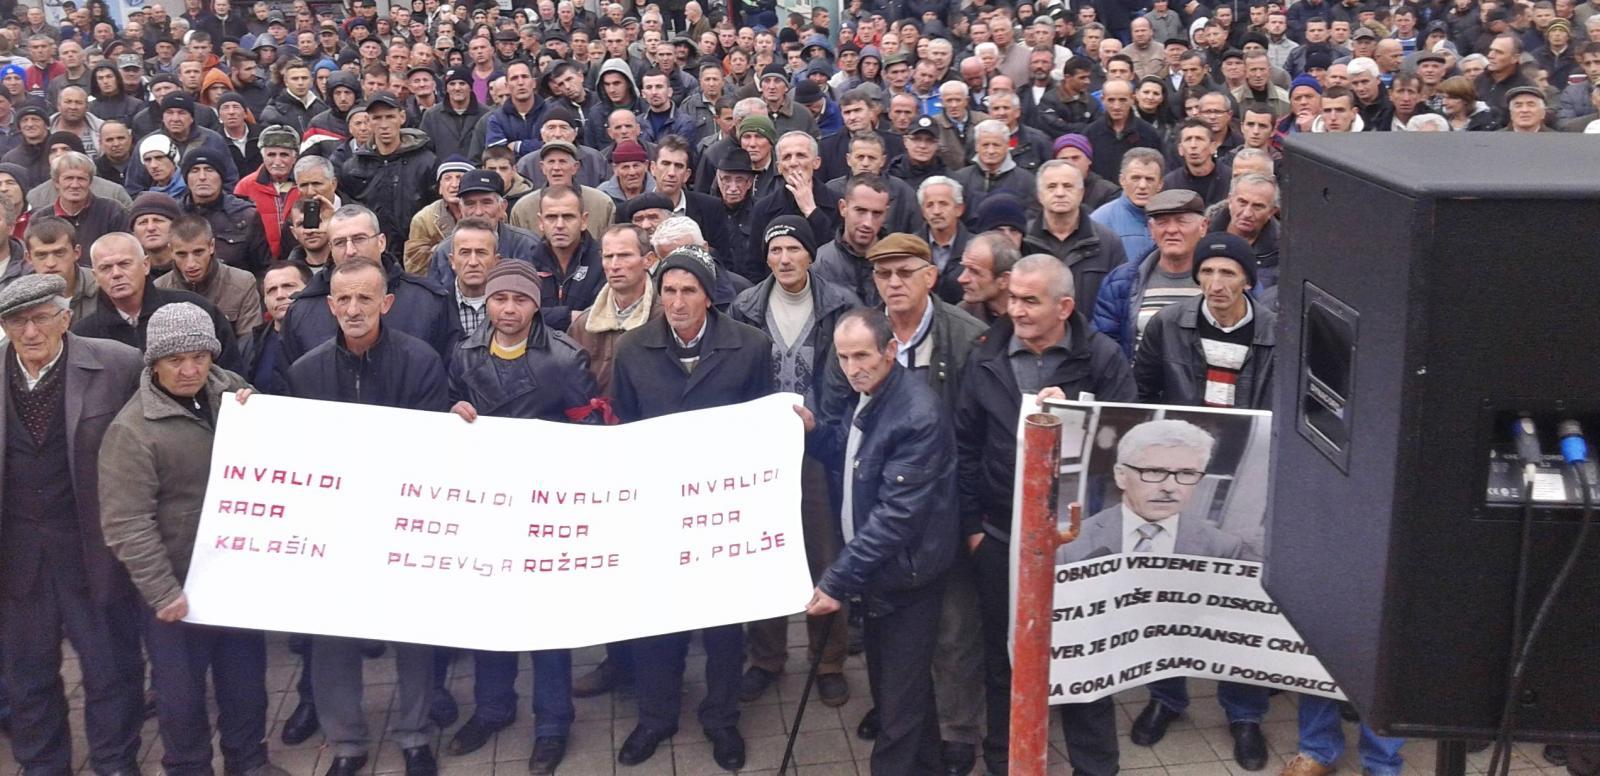 radnici protest sjever Први мај у Црној Гори: Празник јада и сиромаштва